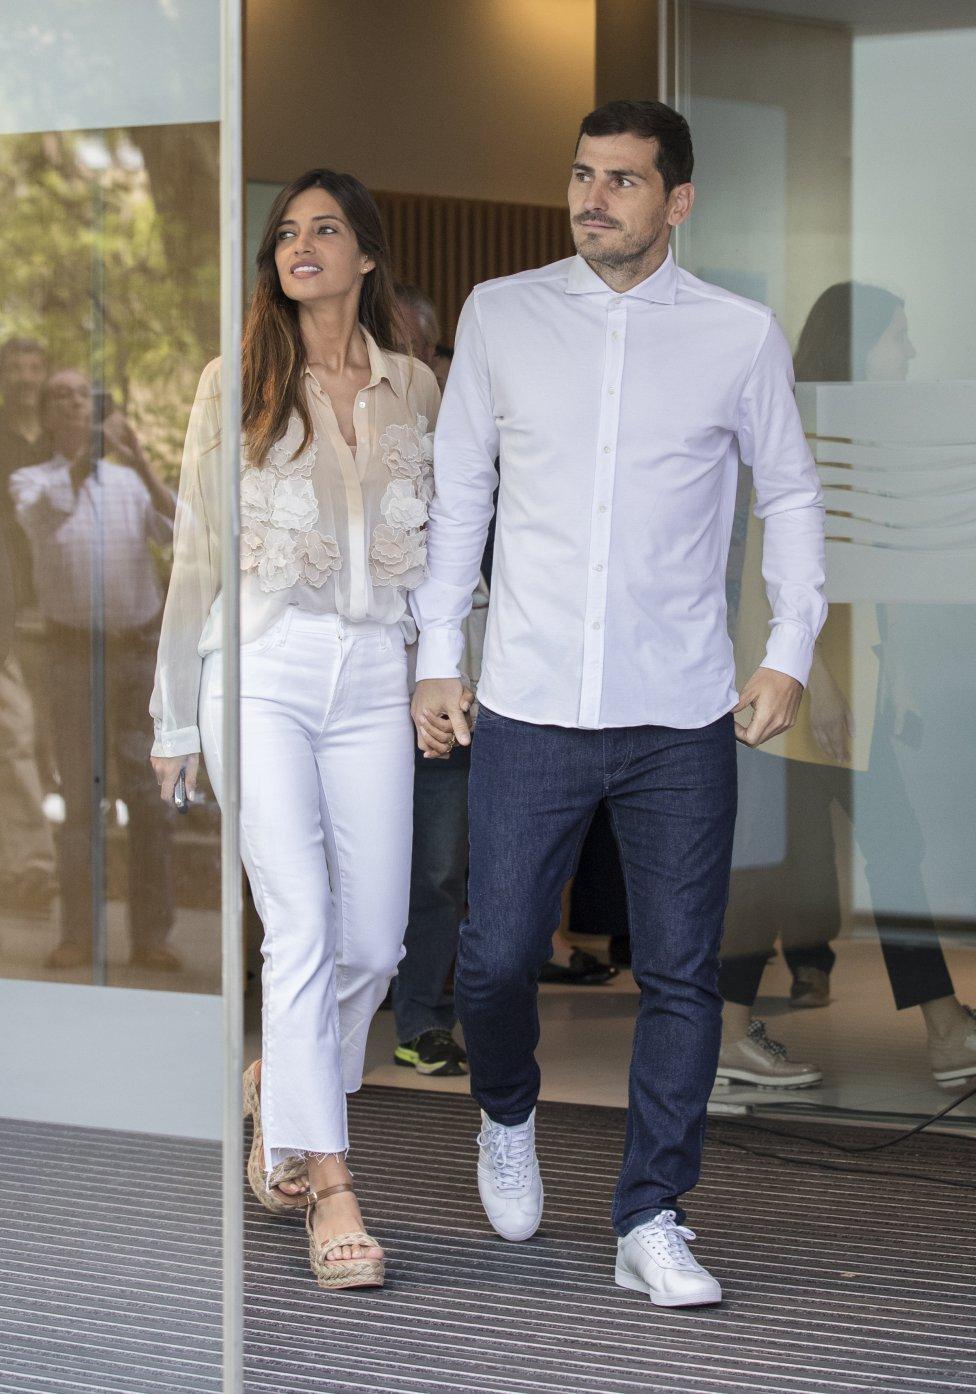 2019. Iker Casillas y Sara Carbonero salne del hospital en Oporto tras recibir el alta el portero madrileño.